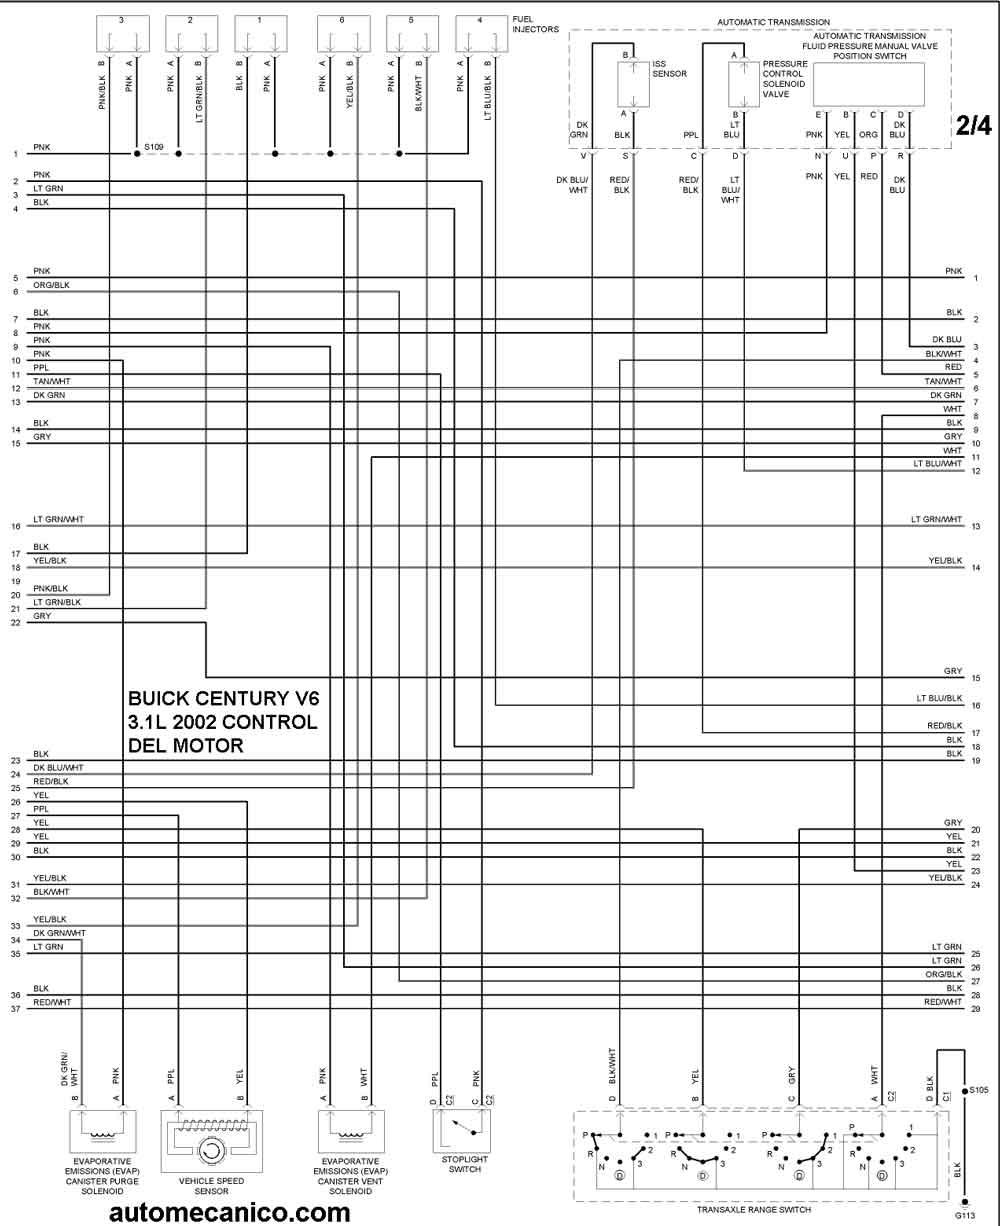 buick - diagramas control del motor 2002